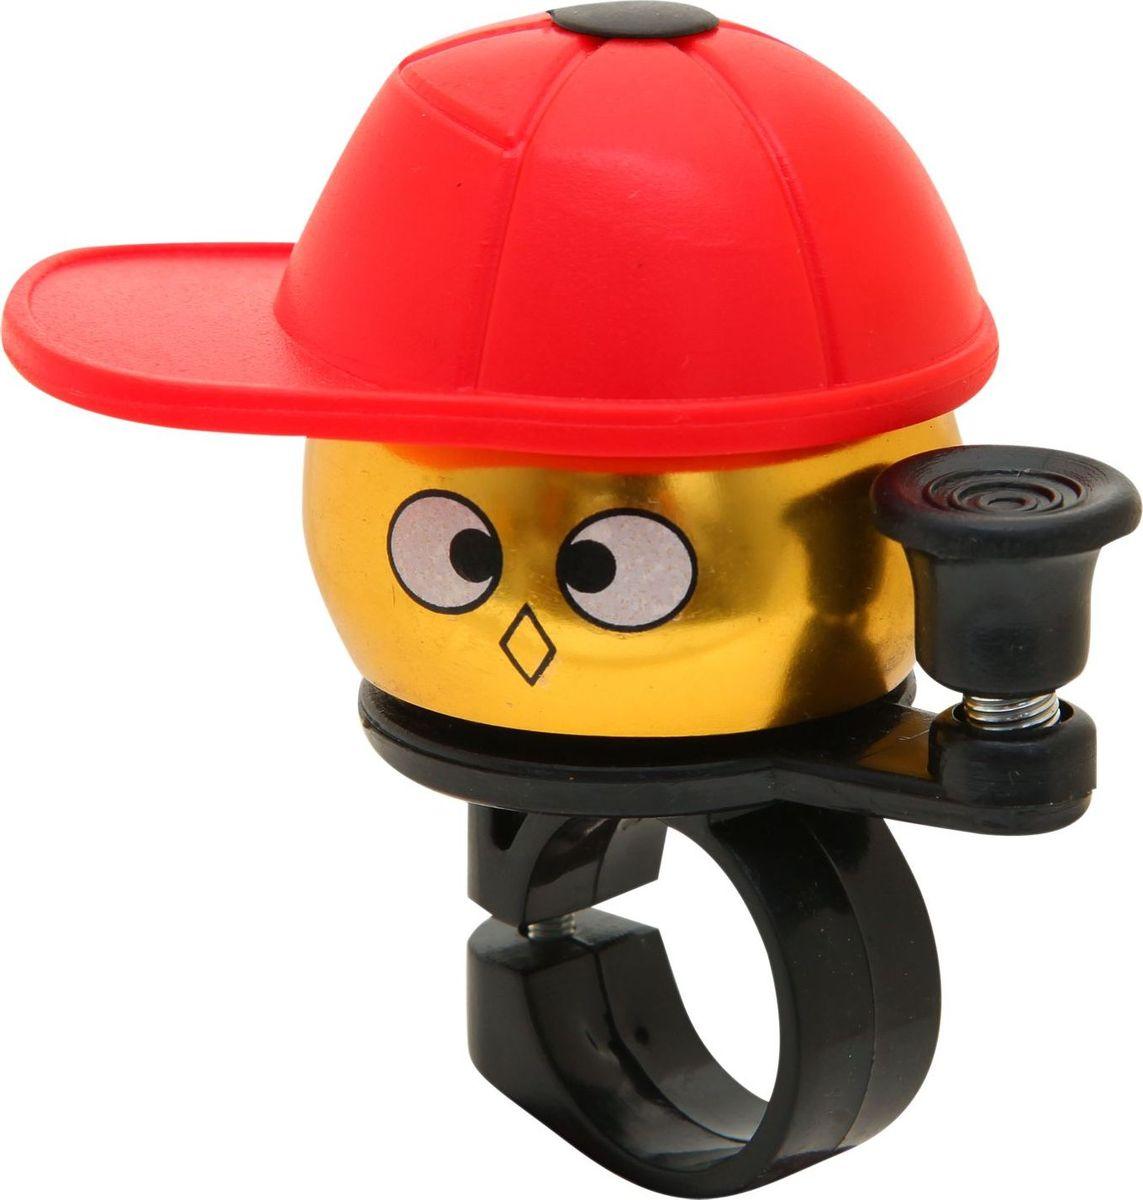 Звонок велосипедный STG Мальчик в кепке, детскийХ82737Звонок для детского велосипеда STG Мальчик в кепке выполнен из высококачественного металла и пластика. Он предупредит пешеходов и других велосипедистов о приближении ребенка, тем самым обеспечит безопасность. Звонок выполнен в виде мальчика в кепке.